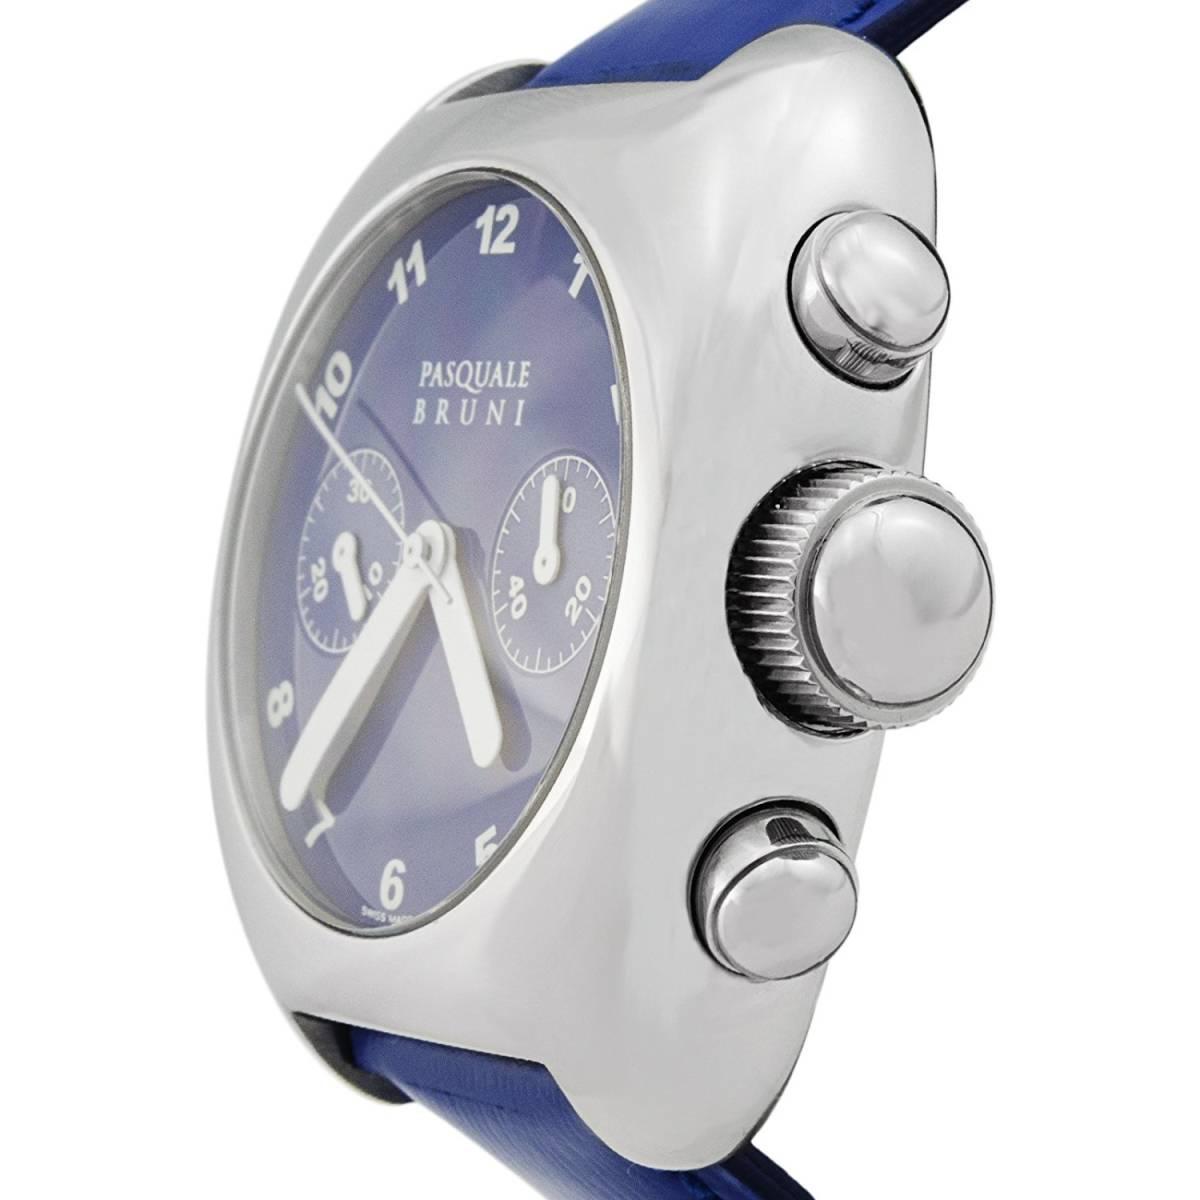 新品 パスクワーレ ブルーニ UOMO クロノグラフ 自動巻き 定価46万円 メンズ腕時計 ブルー文字盤 ブルーレザー PASQUALE BRUNI _画像2